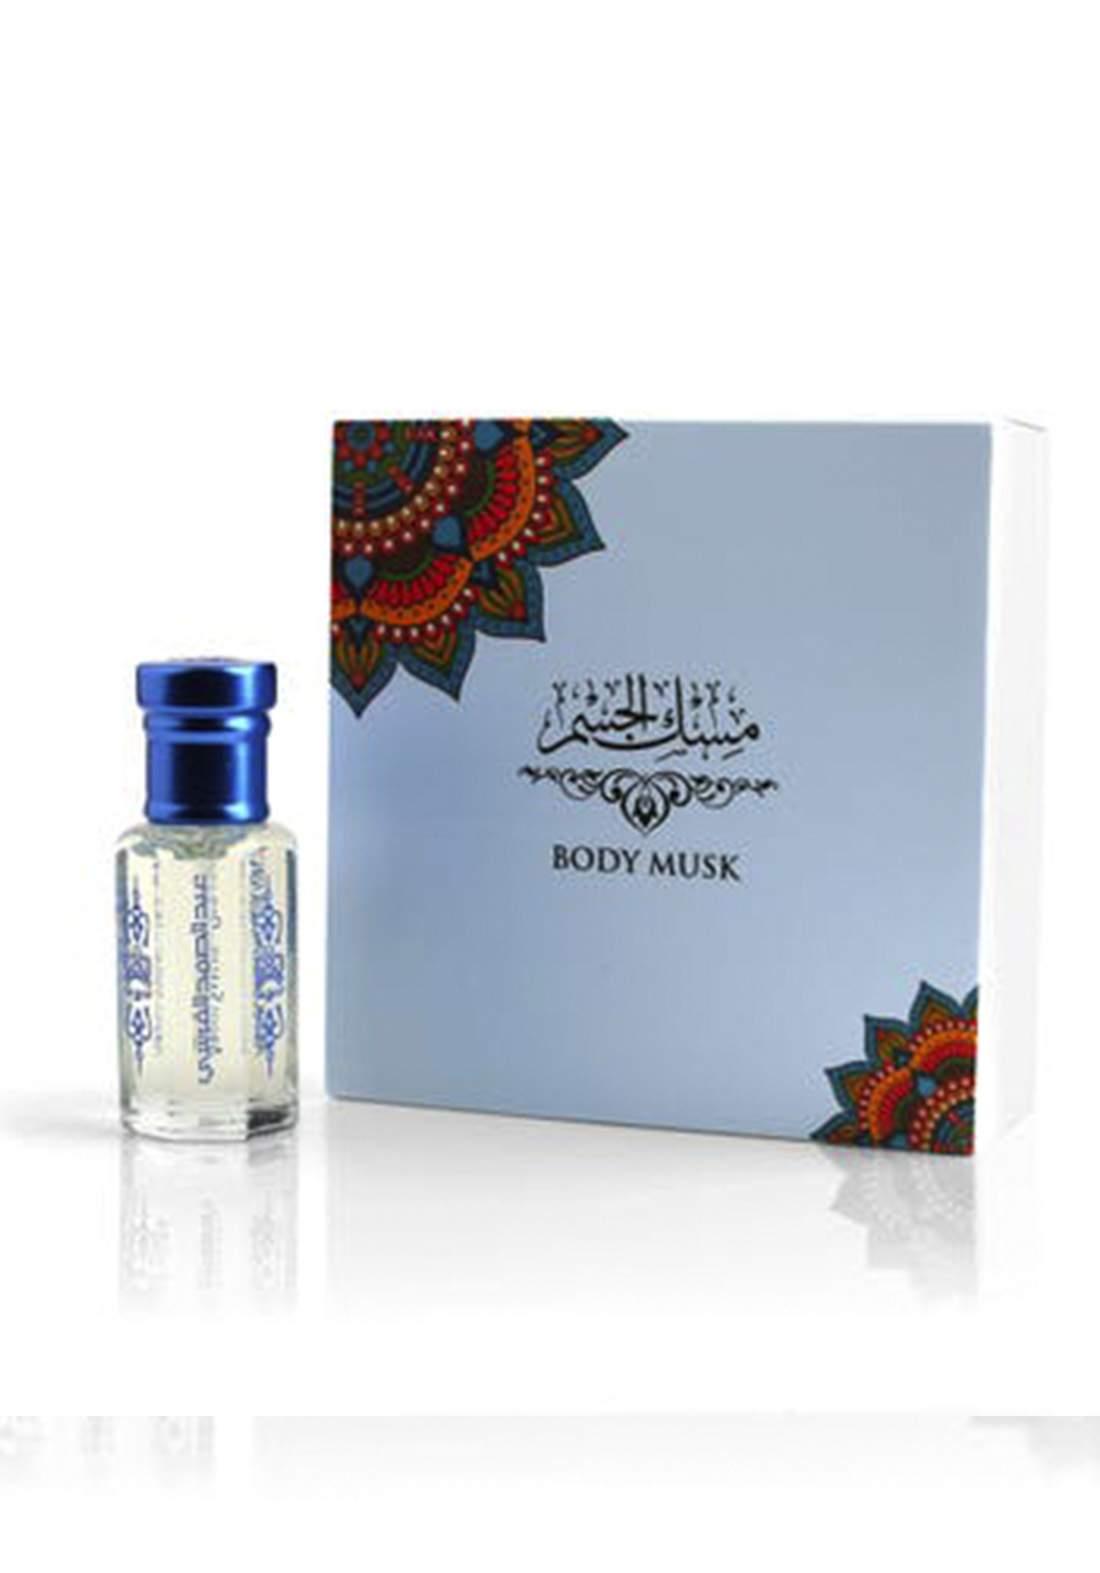 Abdul Samad Al Qurashi 13002 -Black musk deer Mix Perfume Oil 12g  عطر زيتي